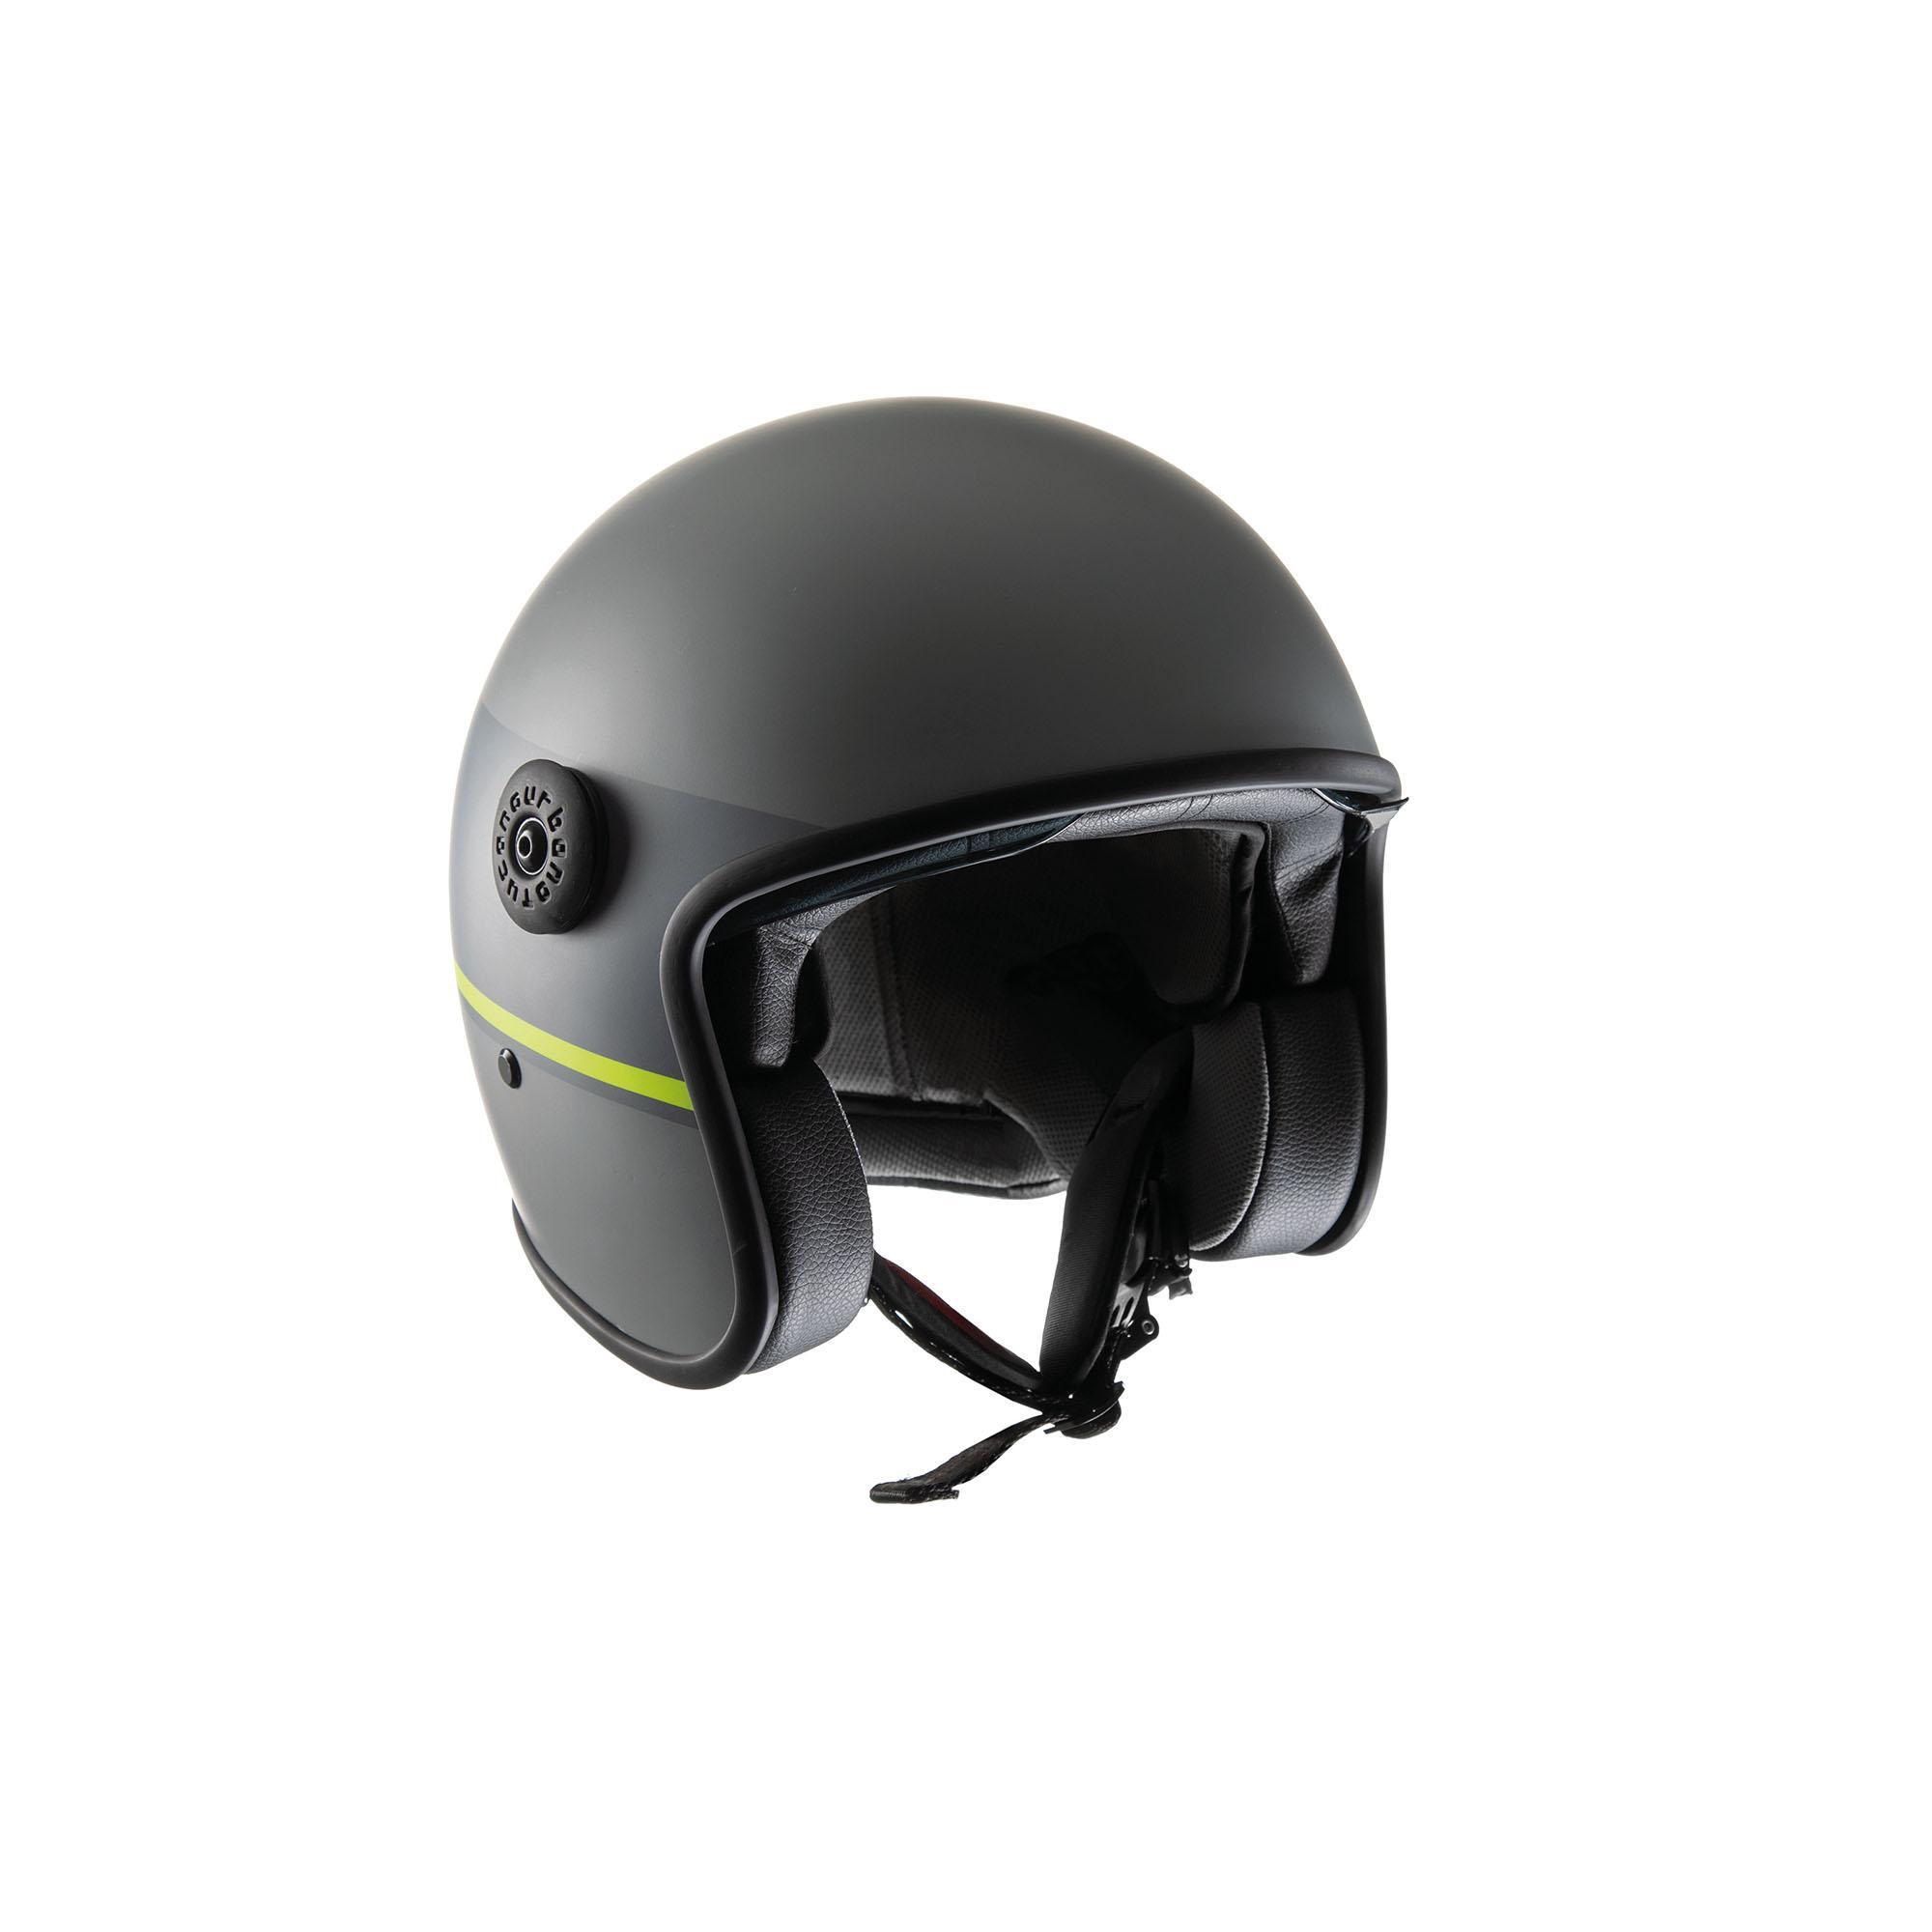 Jet Helmet El'jet Matte Grey Yellow Line